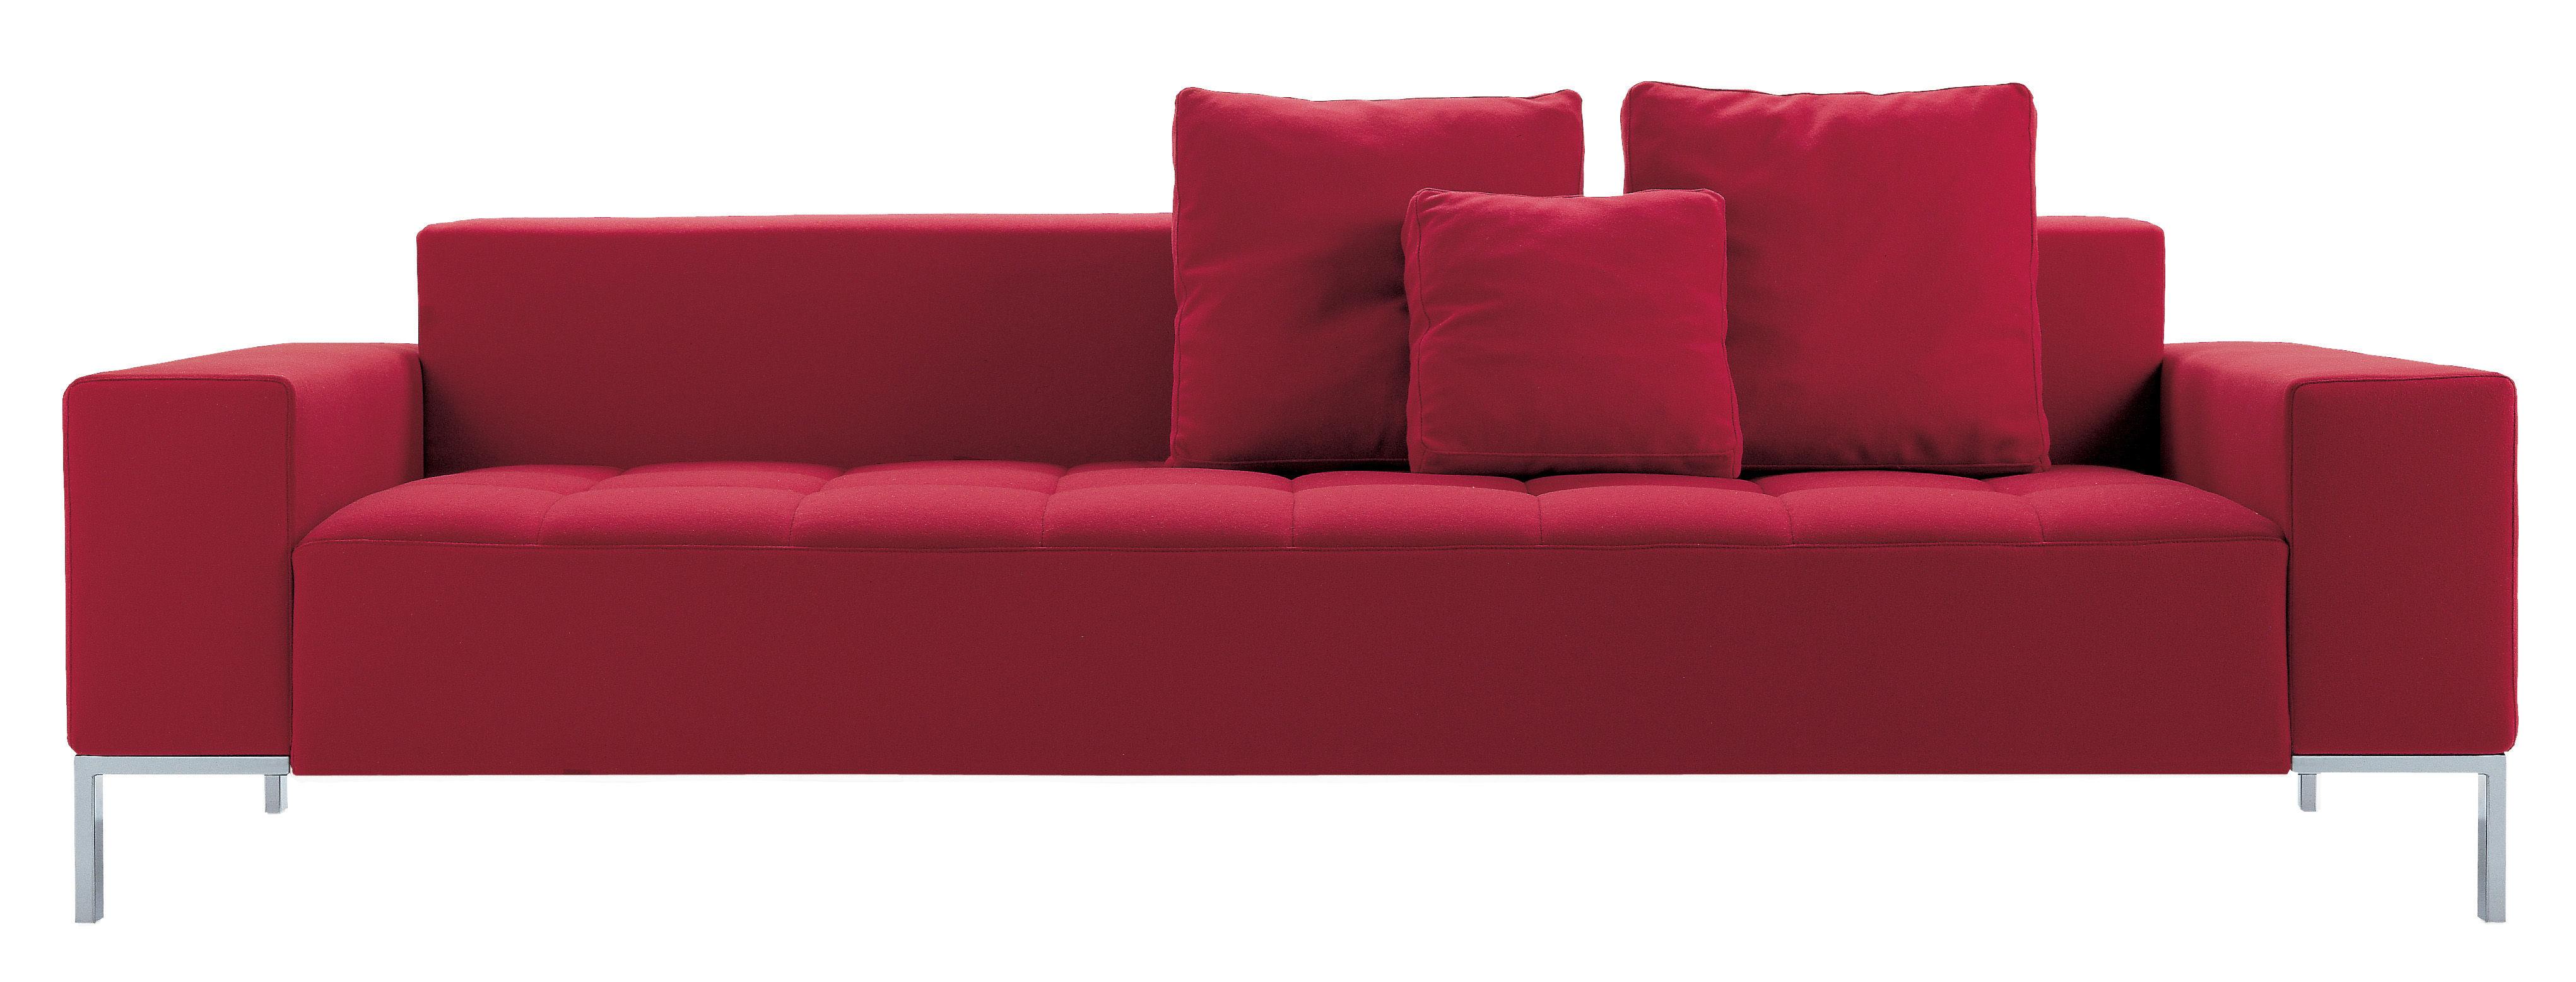 Mobilier - Canapés - Canapé droit Alfa / 3 places - L 207 cm - Zanotta - Tissu - Rouge - Acier chromé, Coton